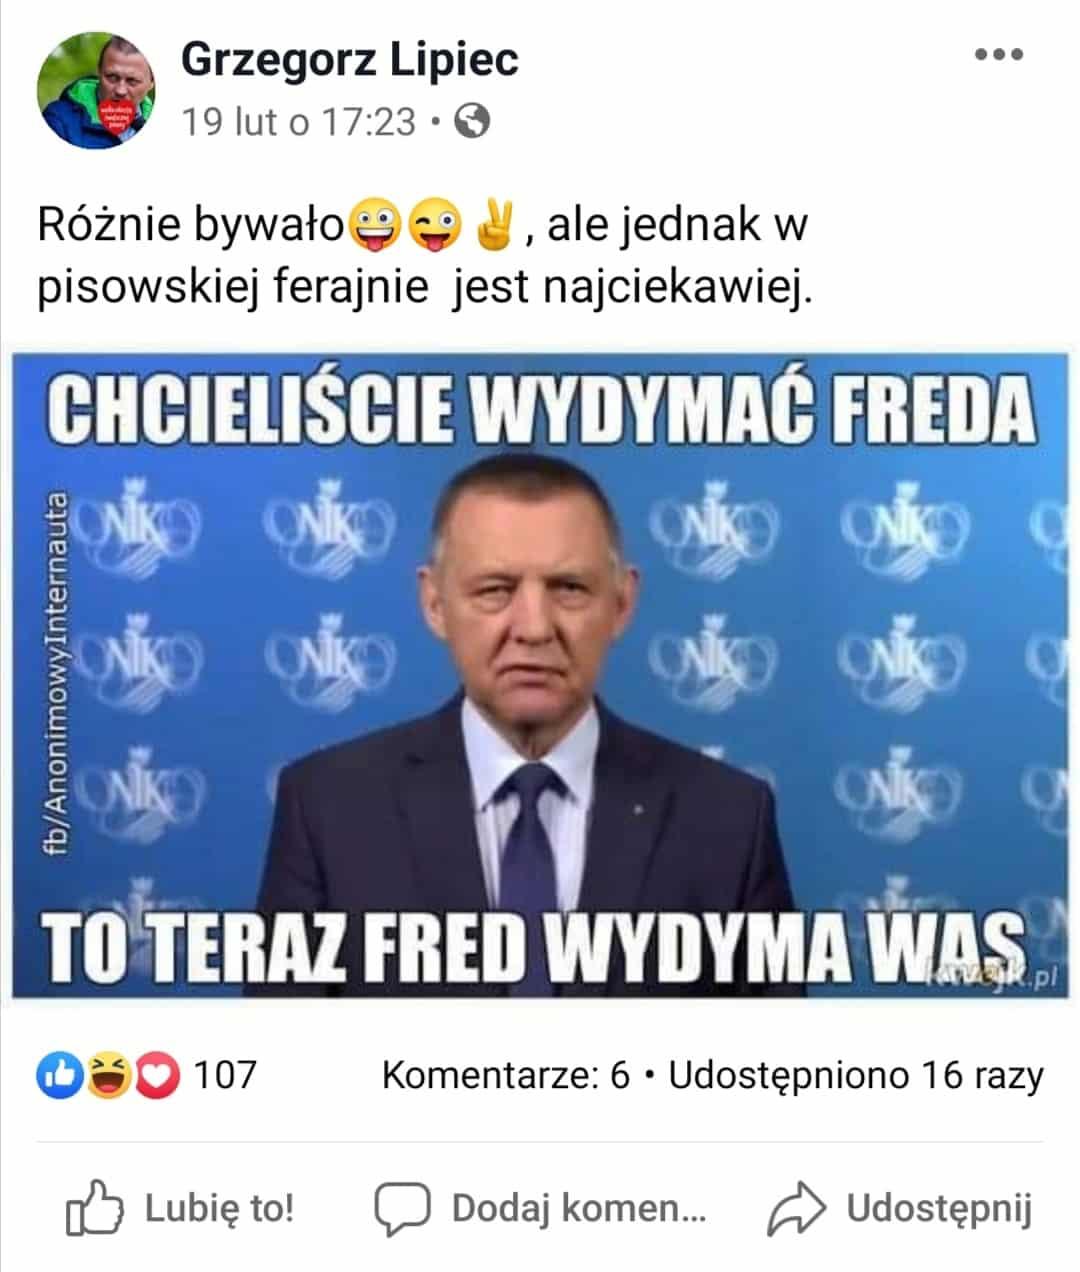 Grzegorz Lipiec Dymanie Freda